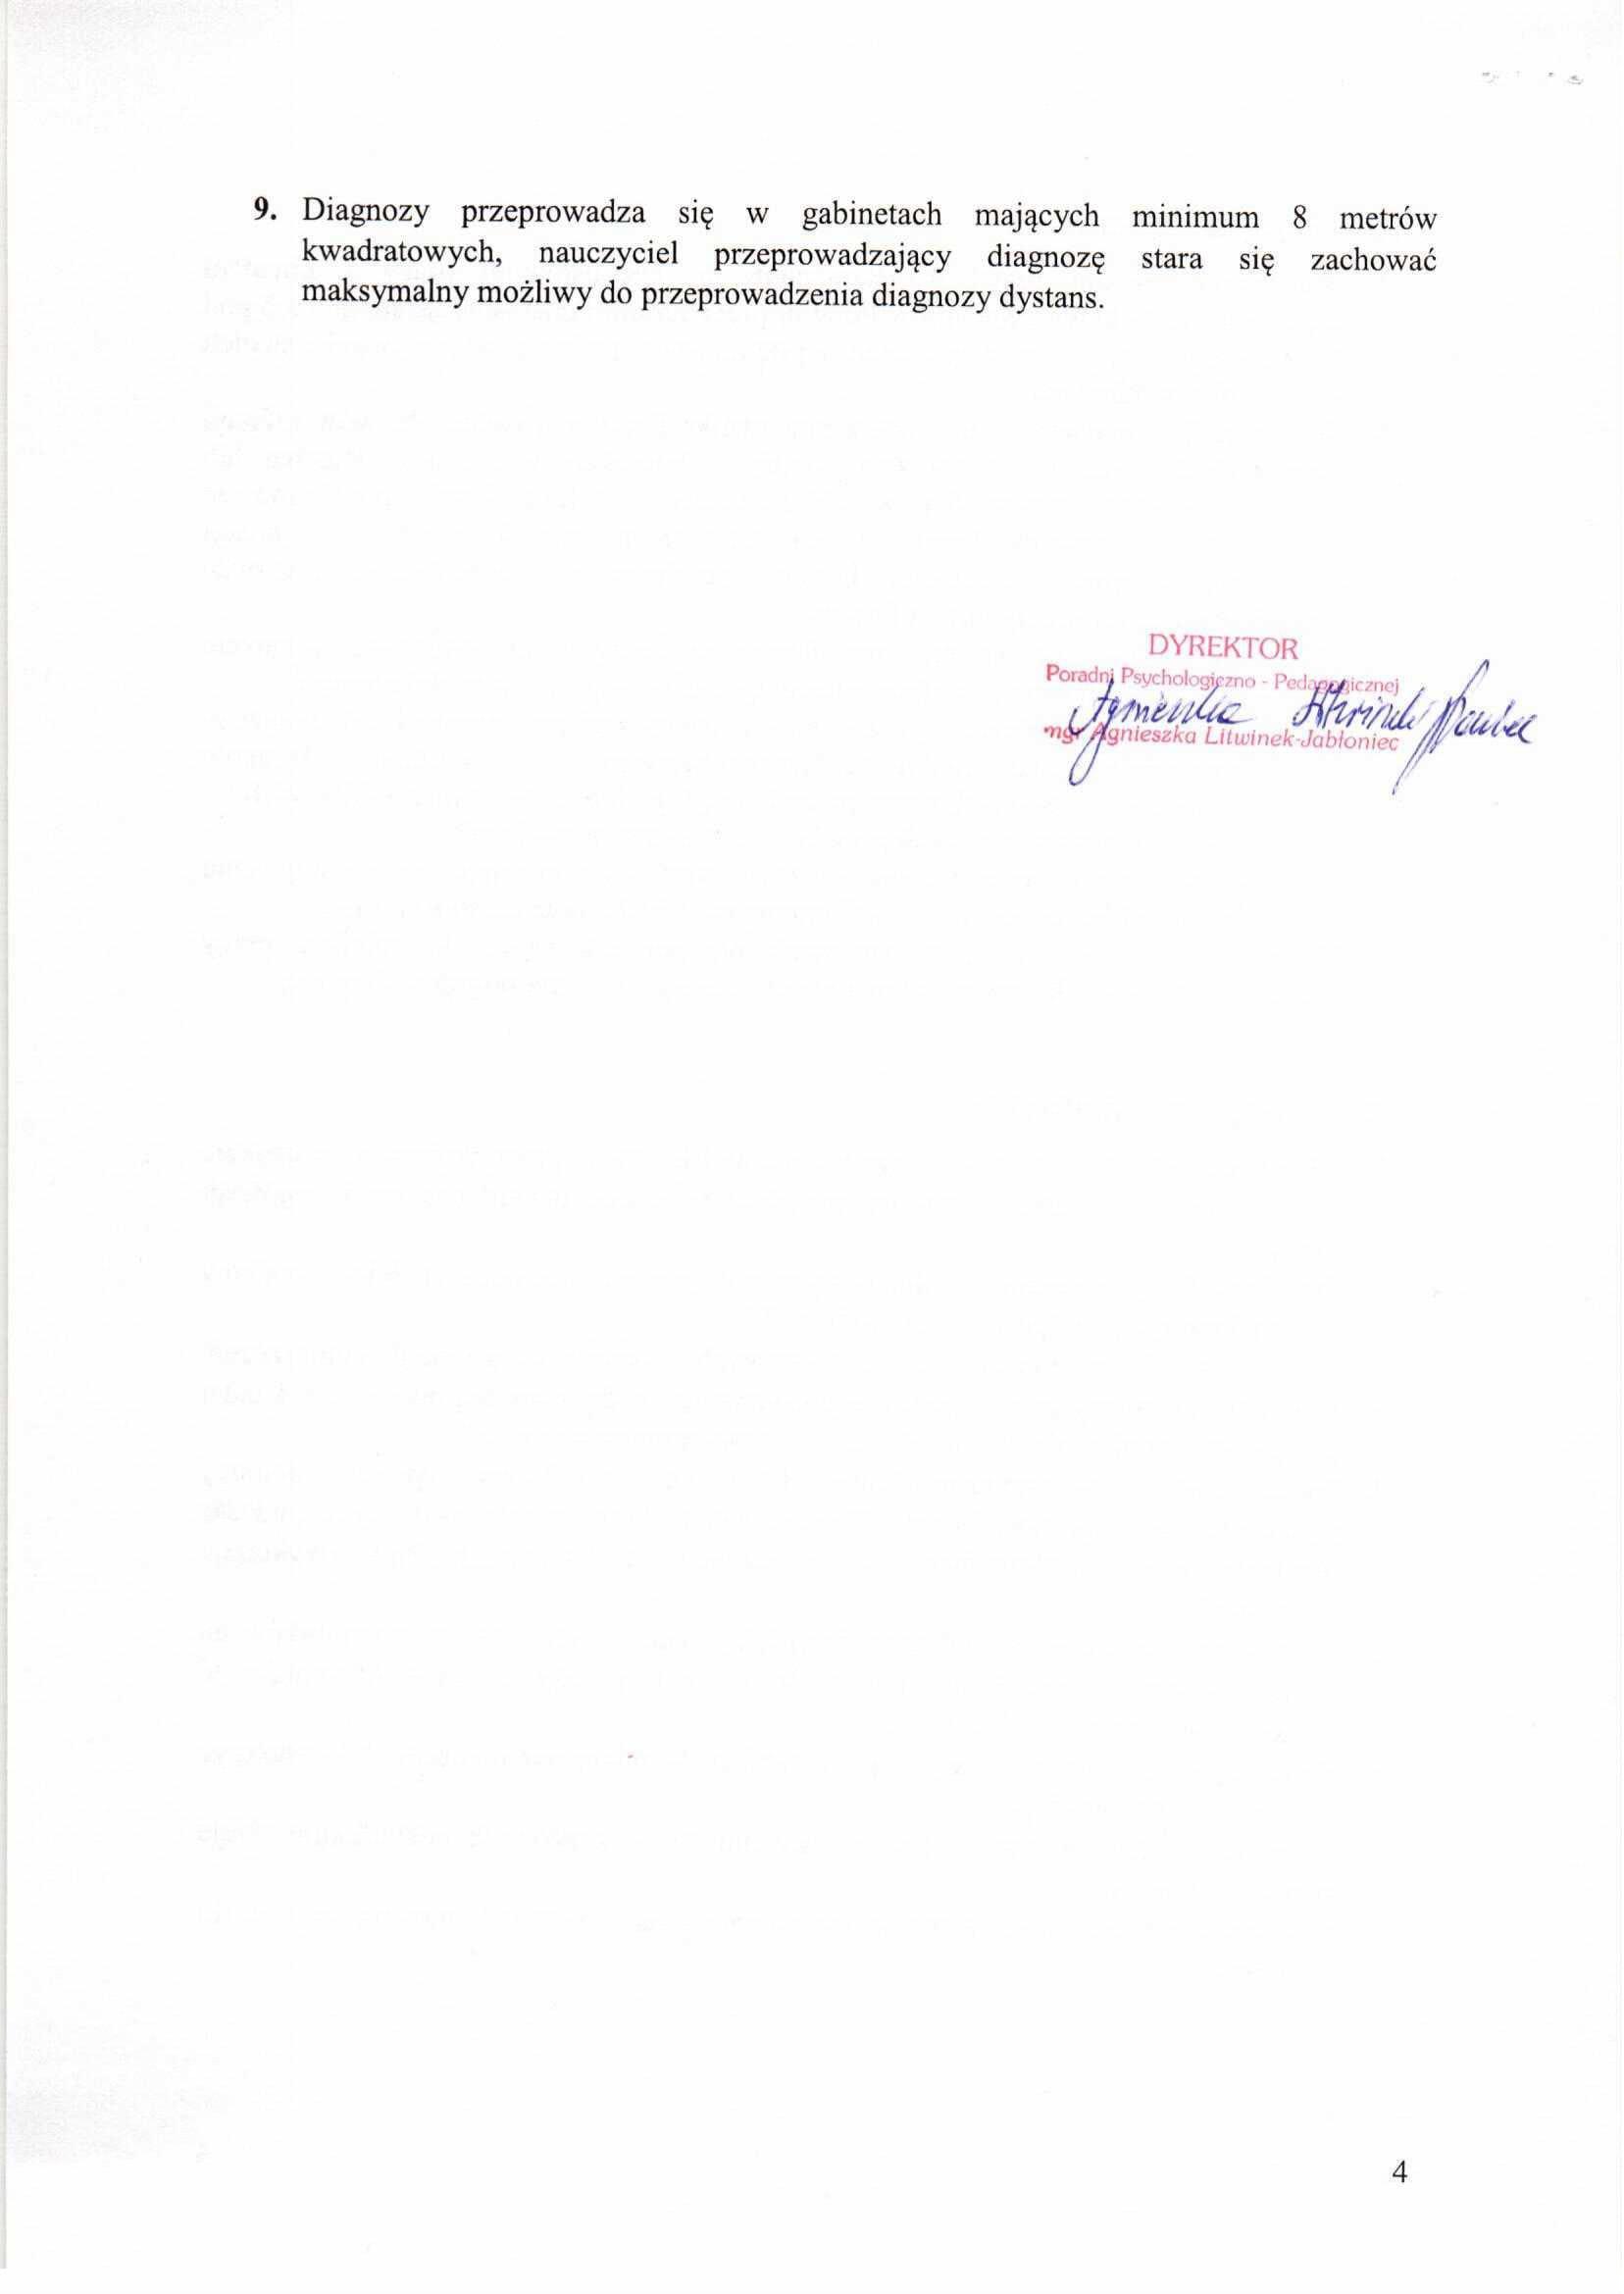 Procedura diagnozy stacjonarnej w PPP w cznej w okresie epidemii COVID-19_1-4jpg